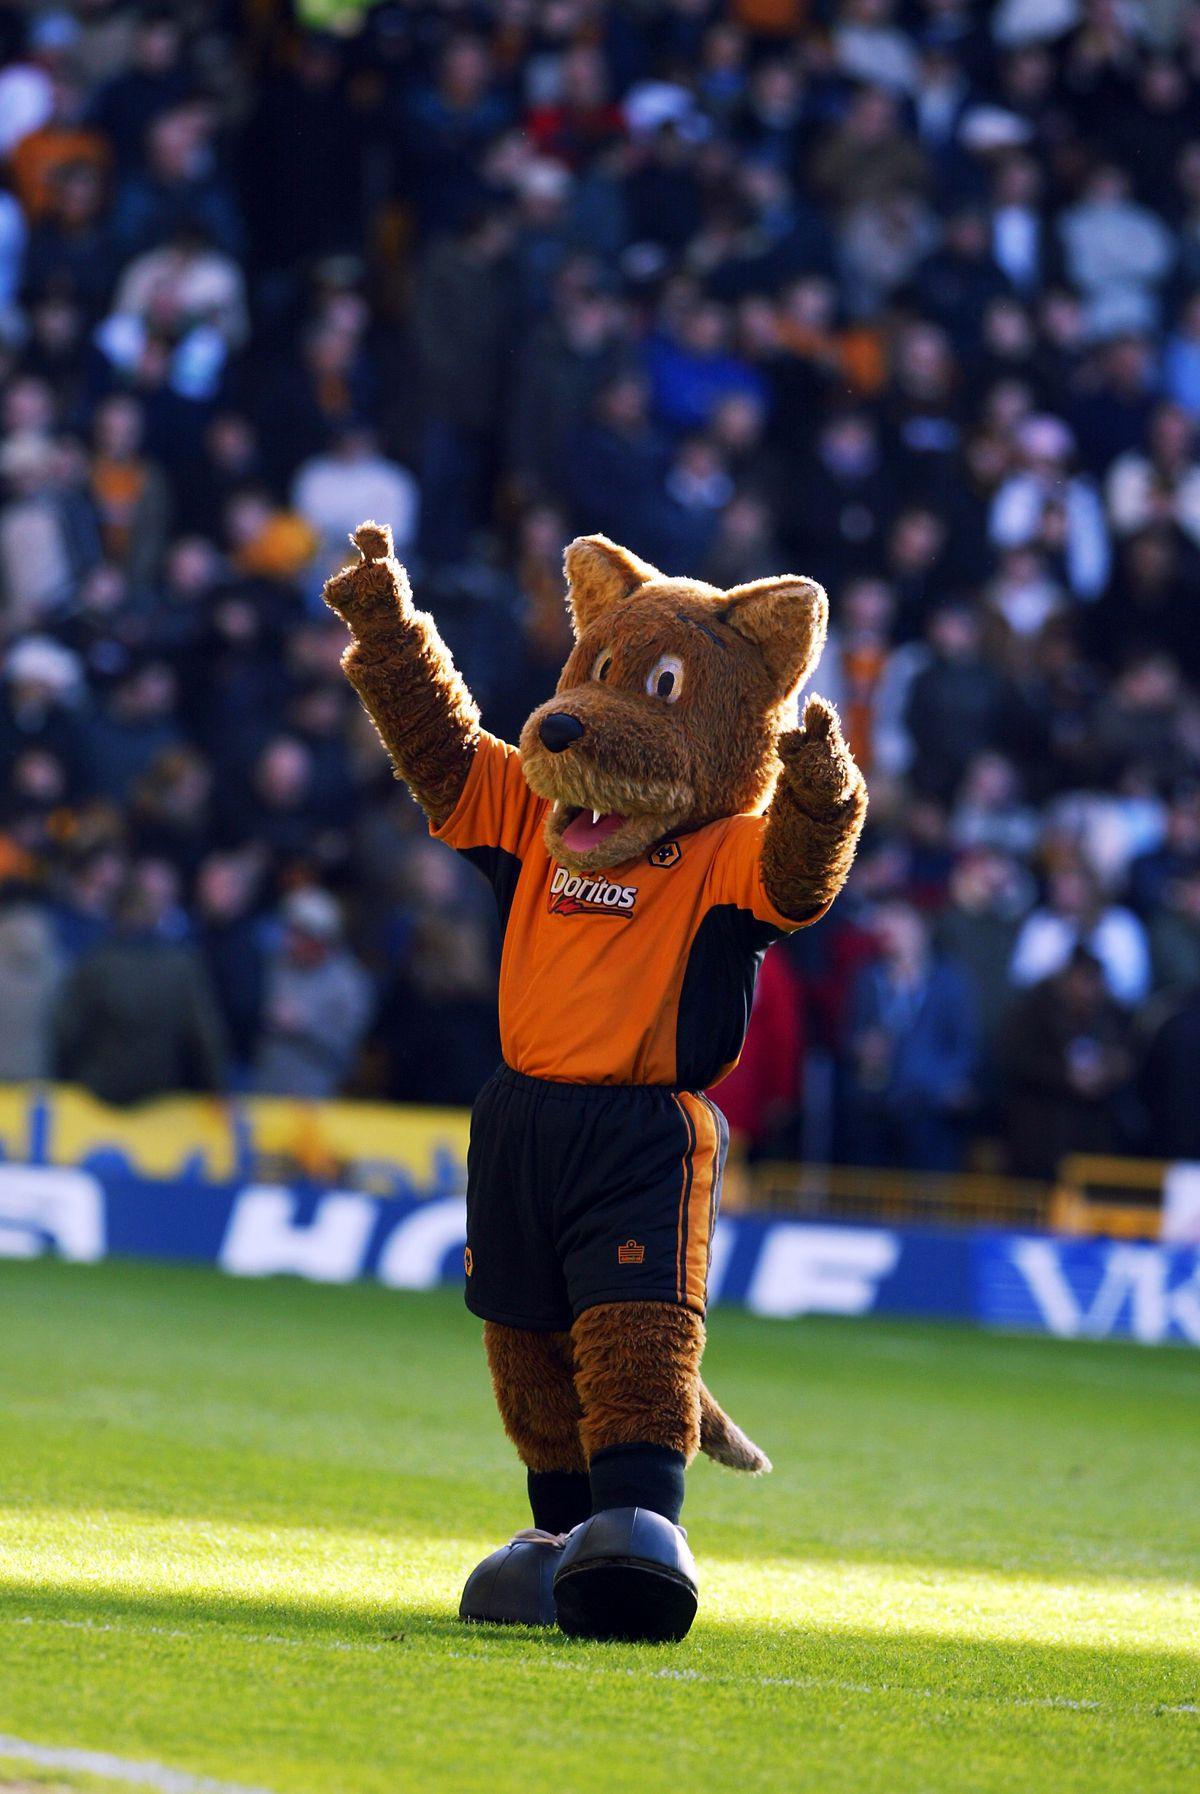 Wolverhampton Wanderers mascot Wolfie